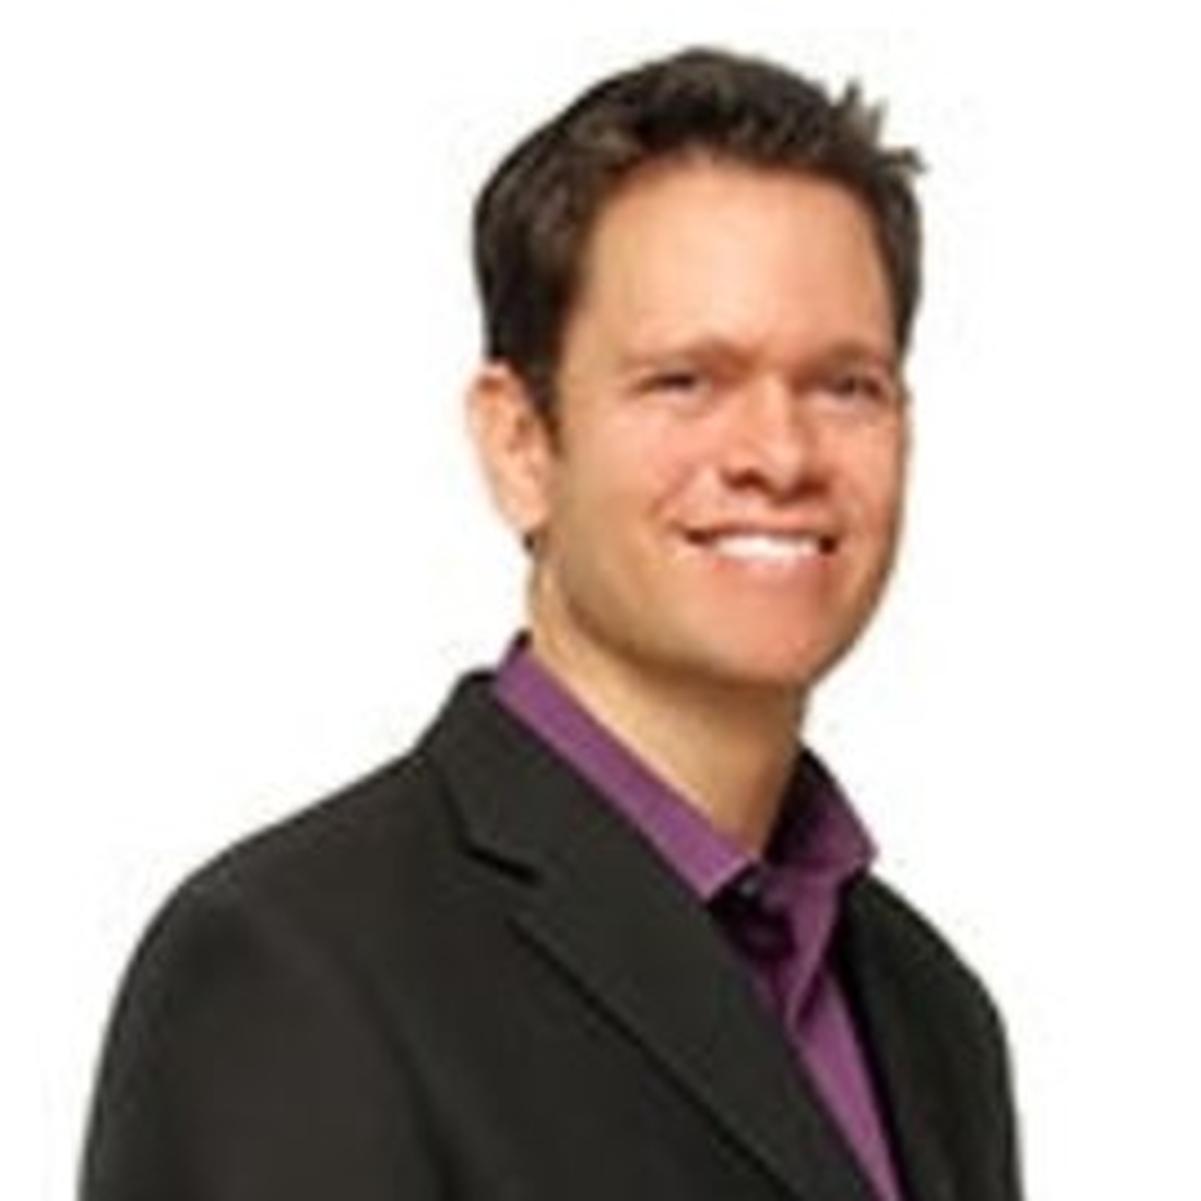 Scott David Goyette